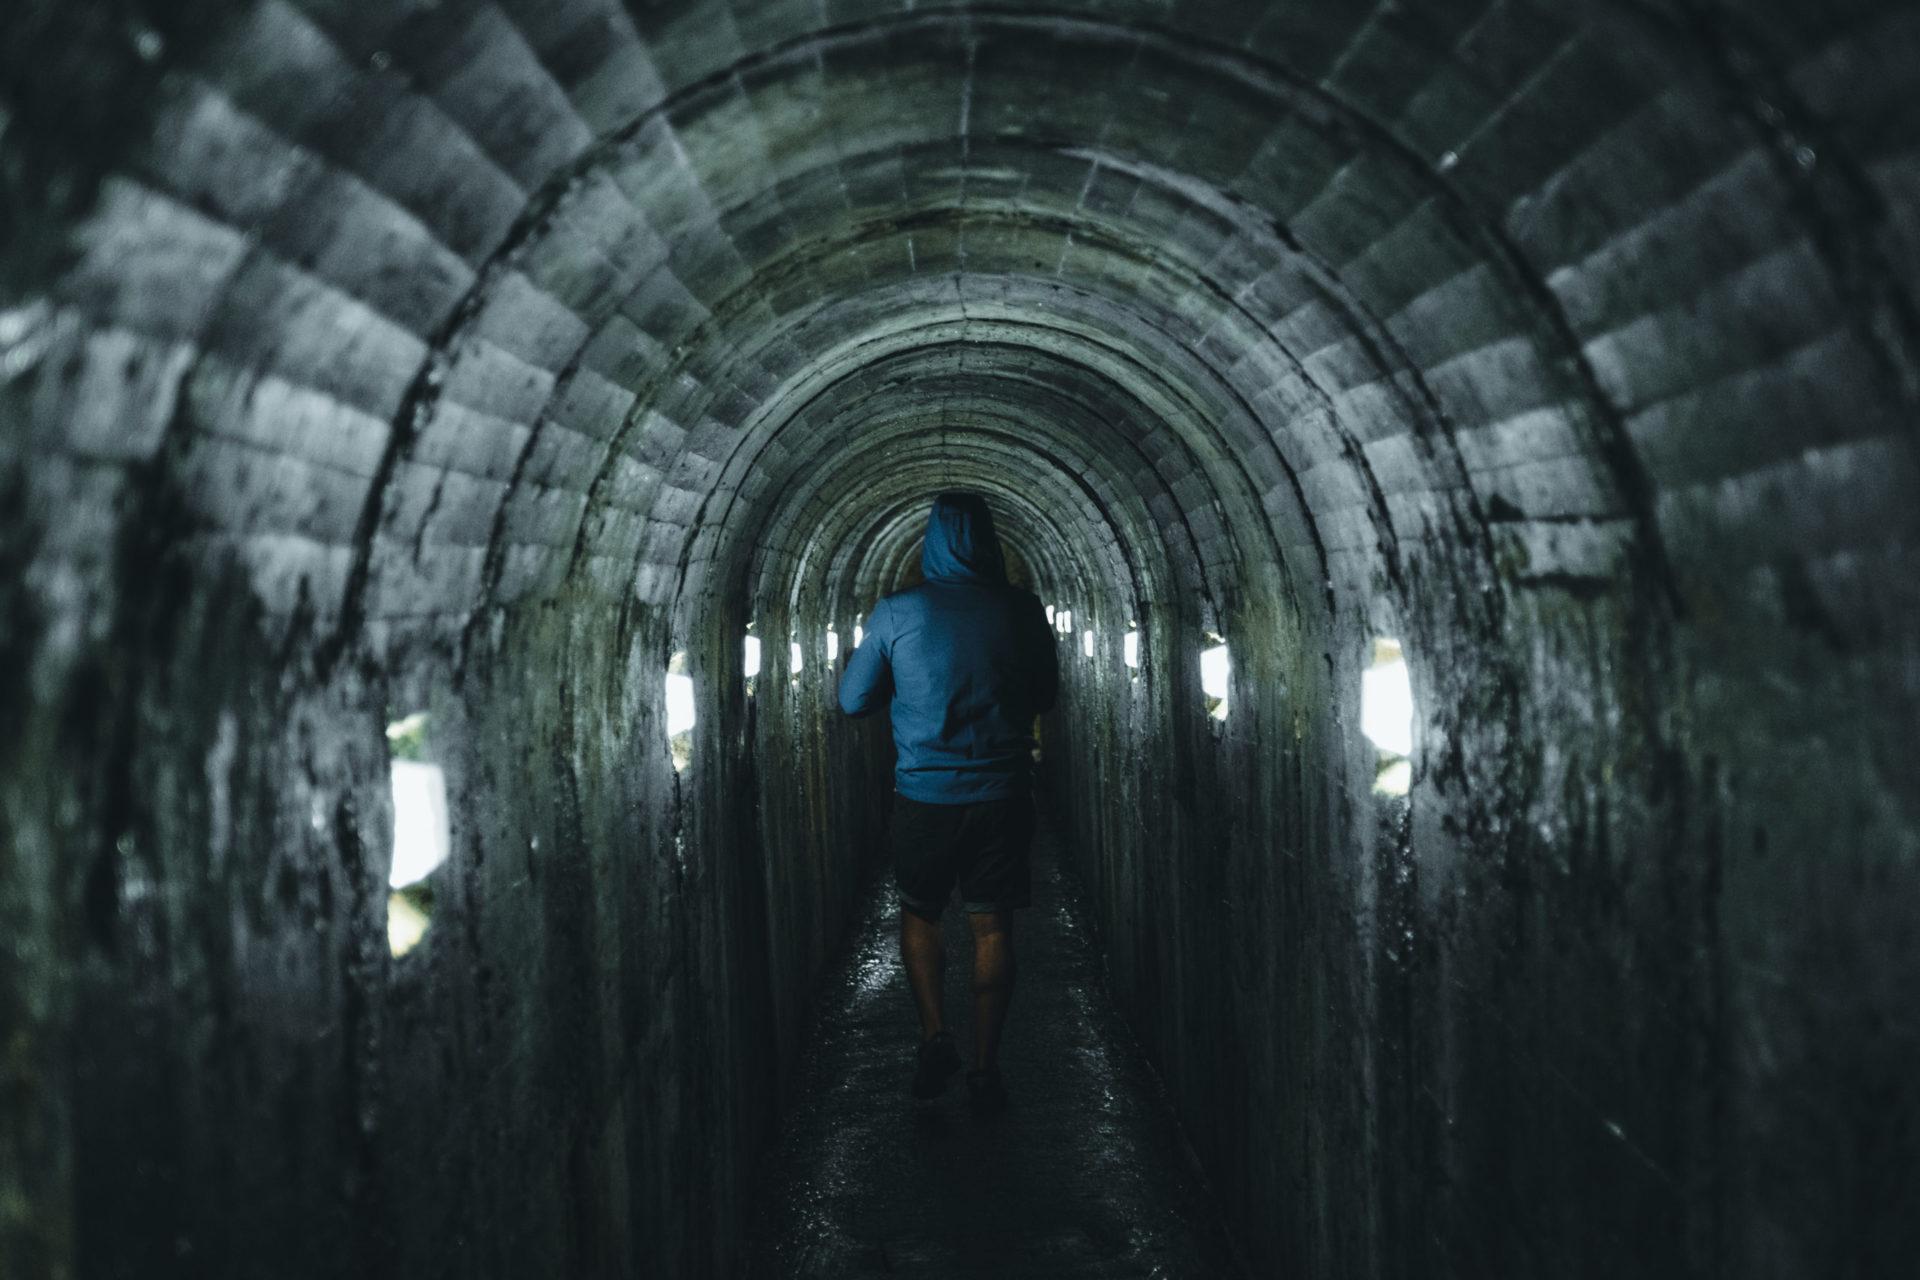 tunel_algar carvão_01